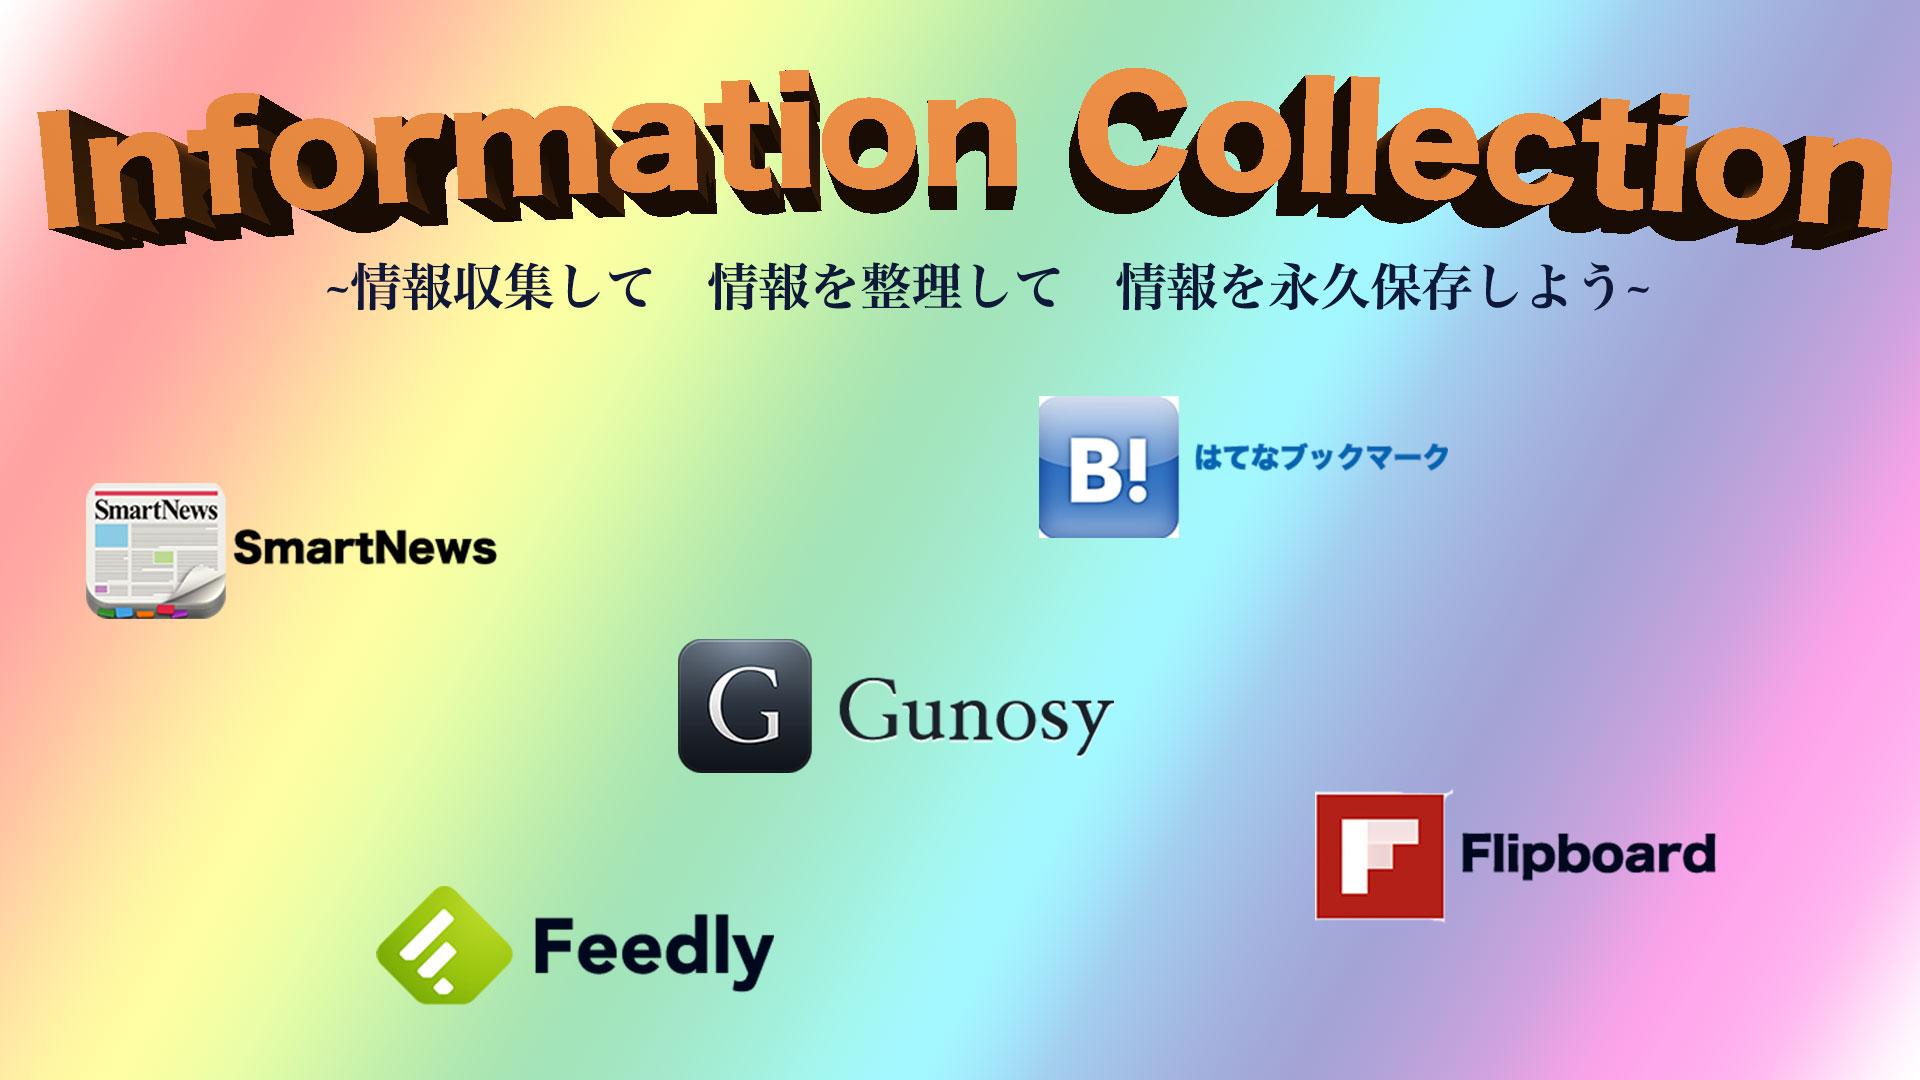 私がネットで情報収集し、整理、永久保存するまでのまとめ。